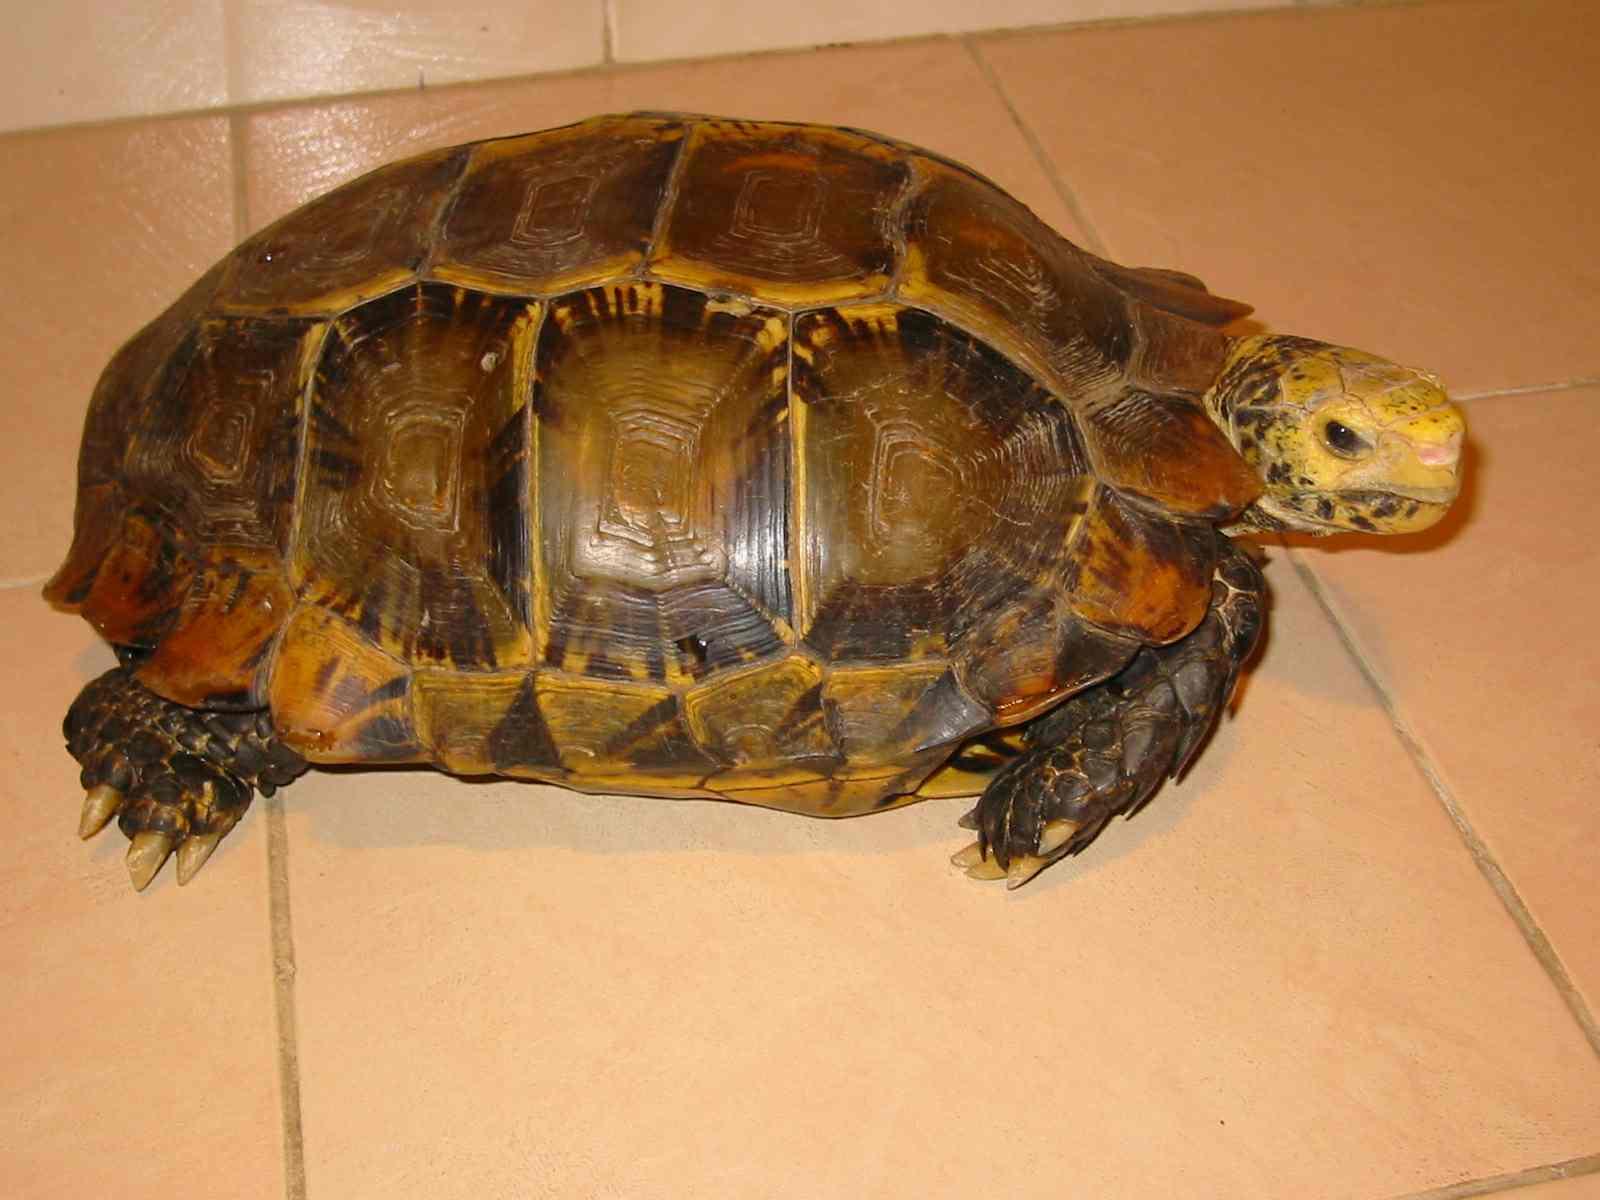 凹甲陆龟的外形特征|-波奇网百科大全